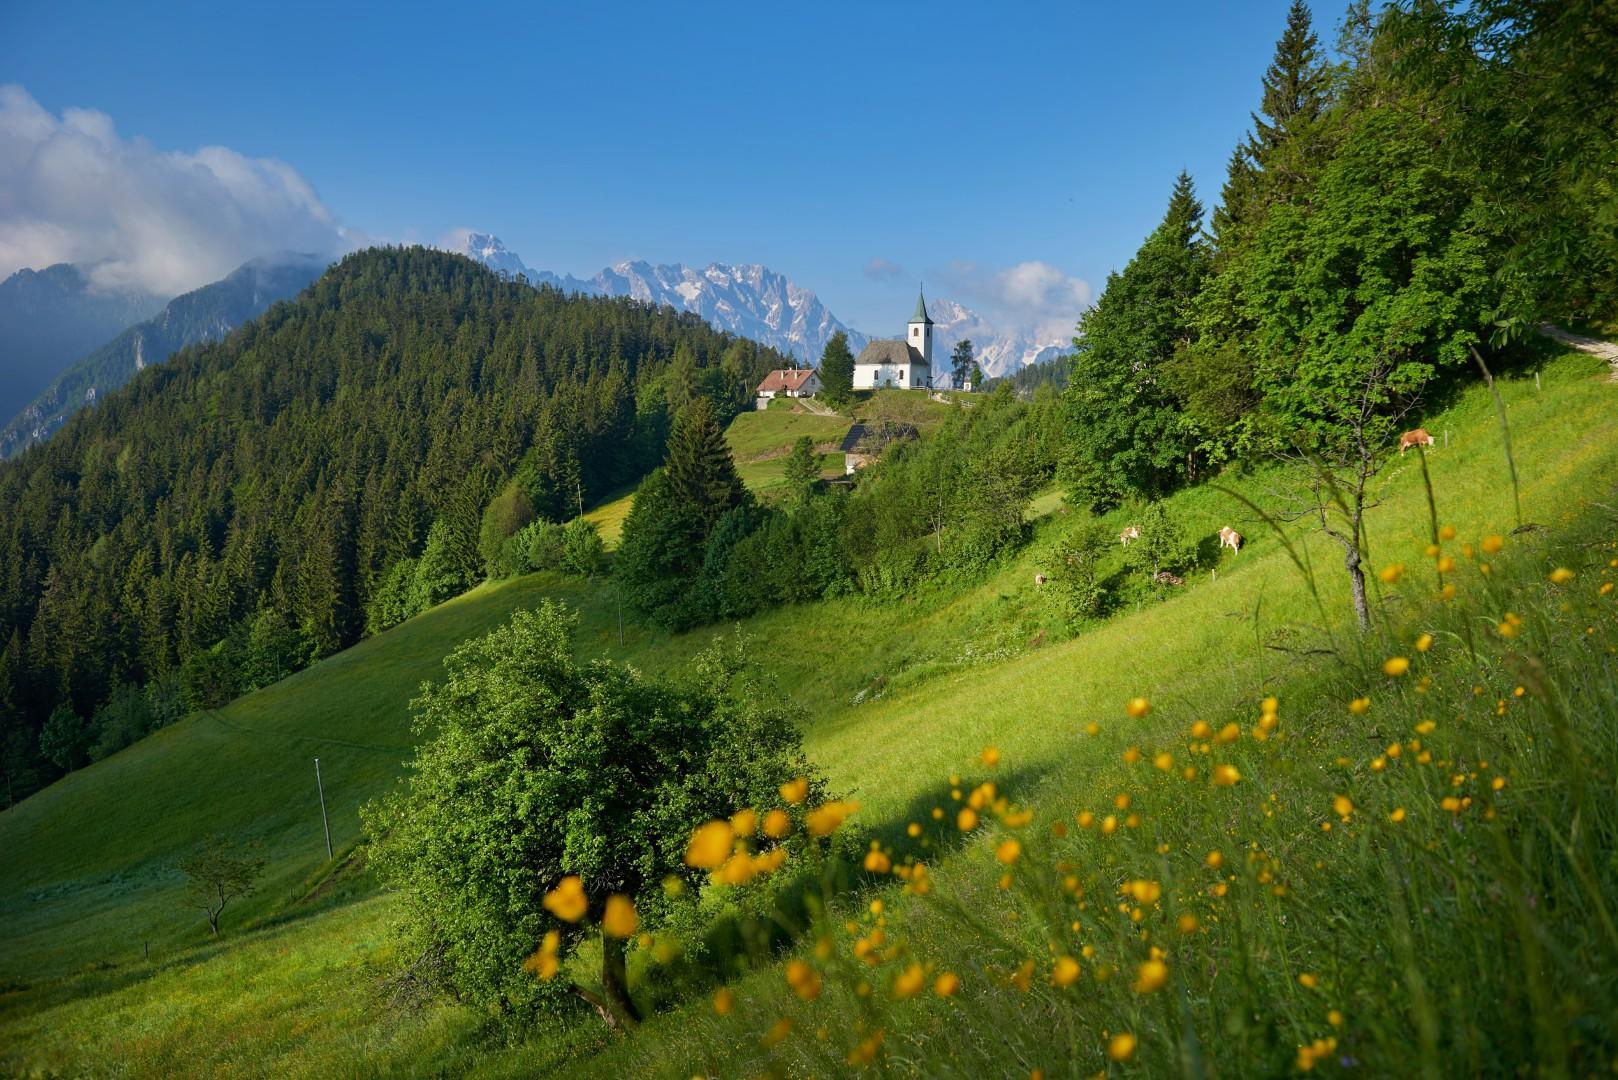 Solüavska-panoramska-cesta_Solüava-panoramic-road_Savinja-valley_Slovenia_photo-Tomo-jeseniünik_vir-sto